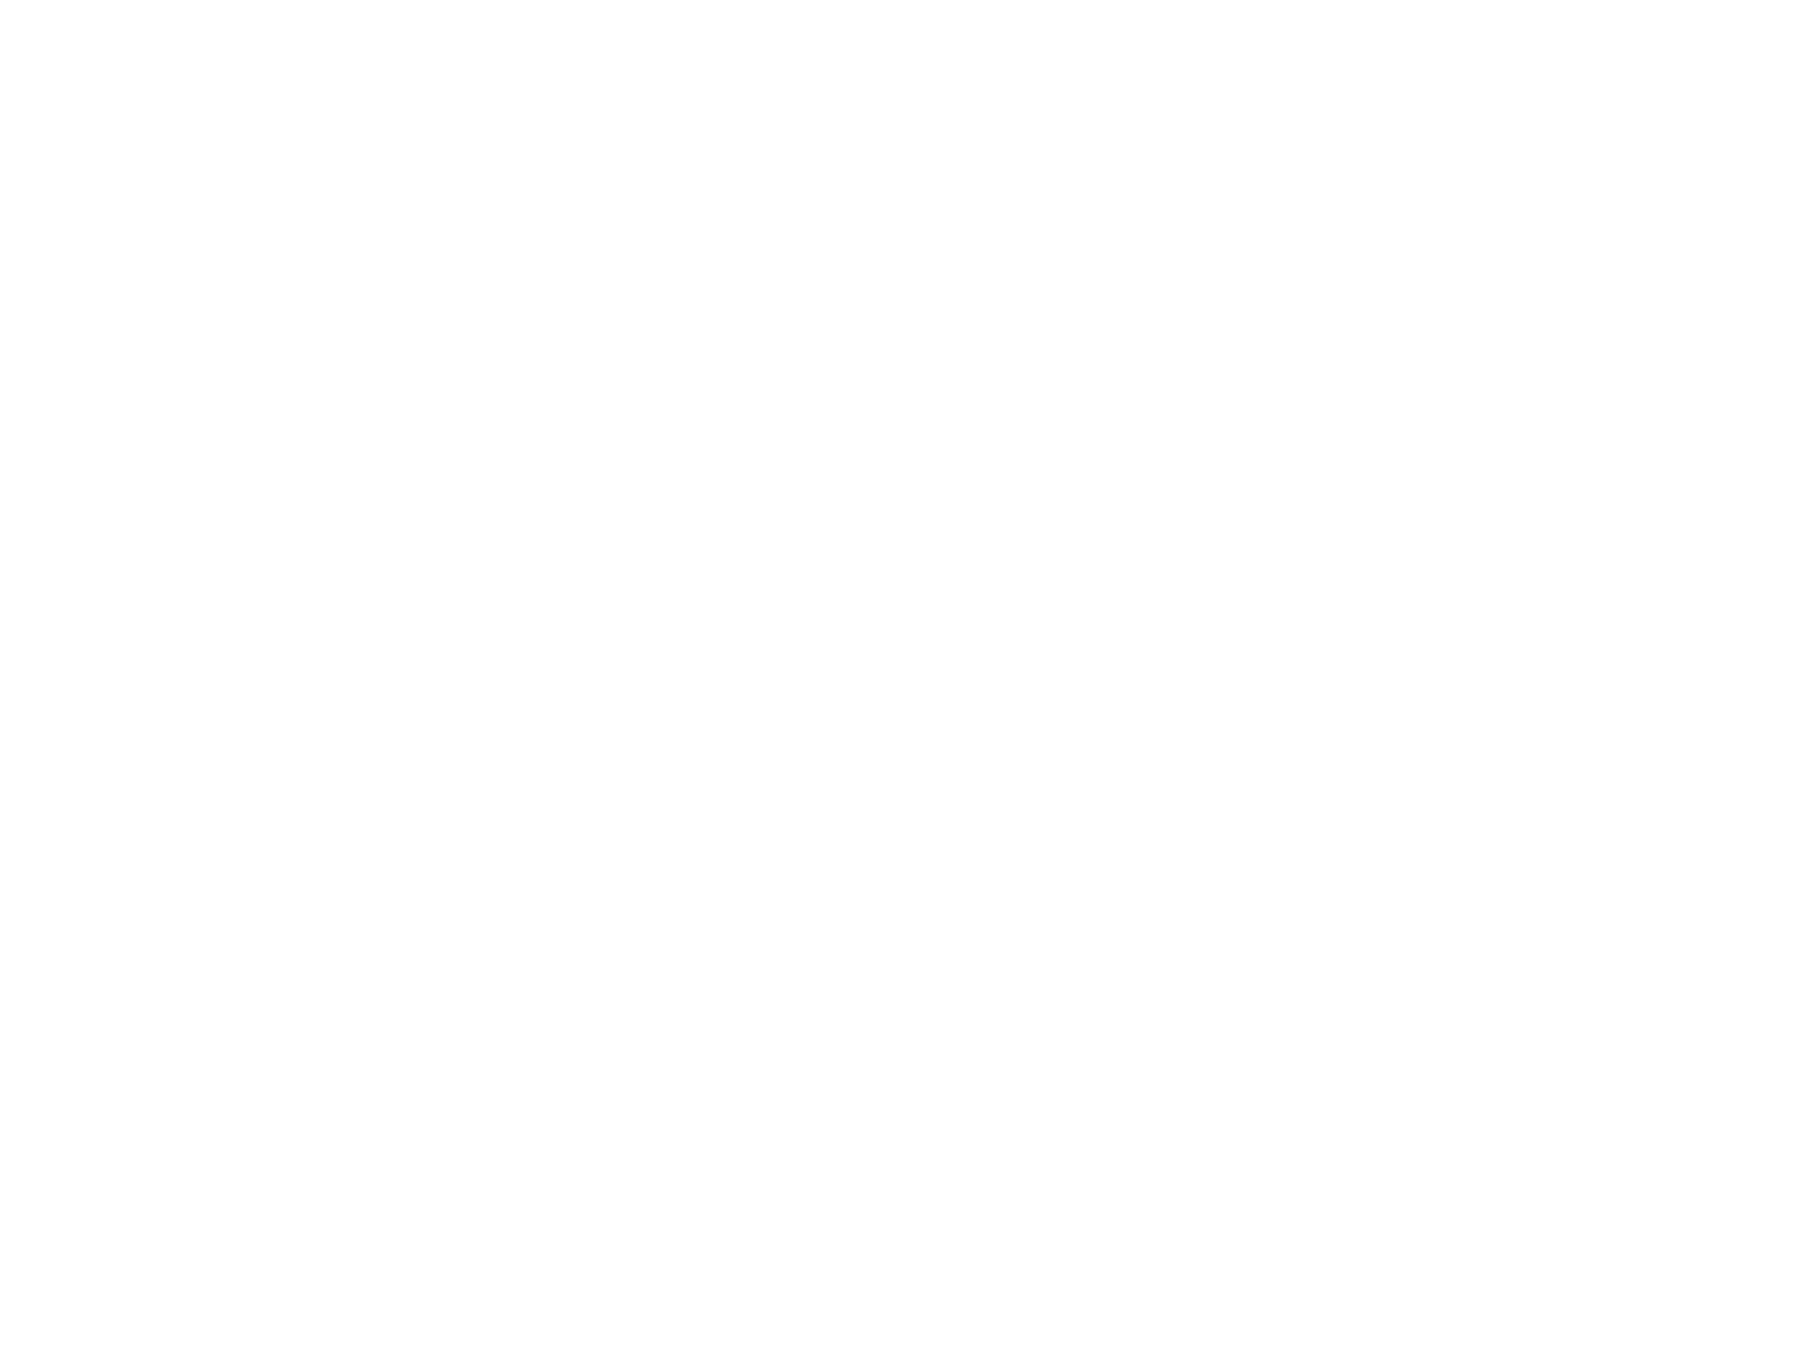 Füllenhof - Helfende Hände, die den Alltag erleichtern